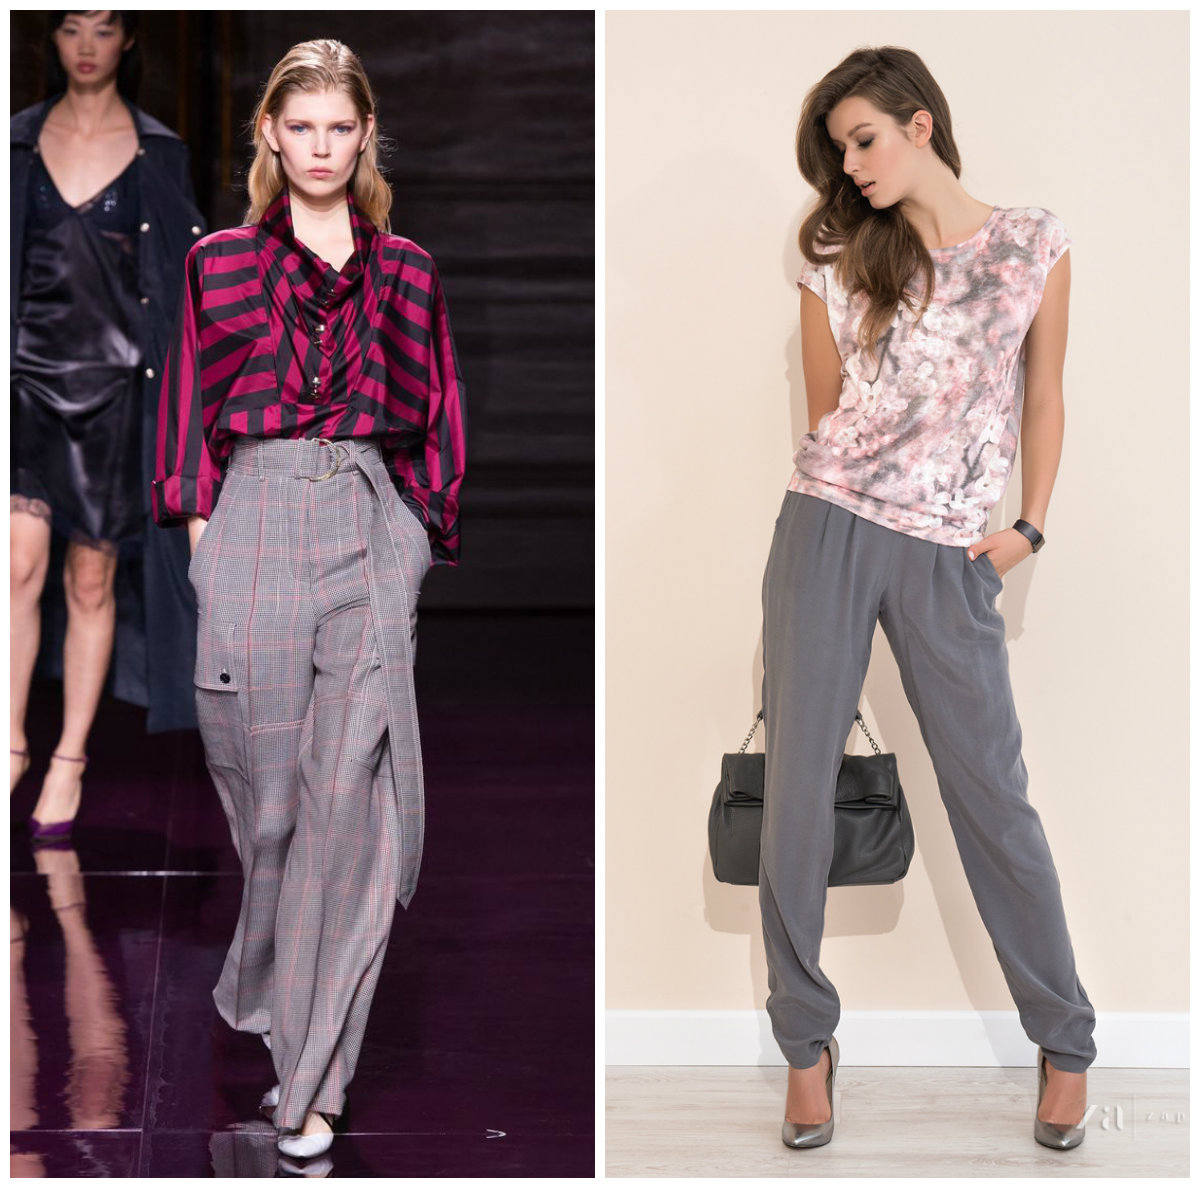 Брюки-женские-2019-года-модные-тенденции-фото-брюки женские 2019 года. Обзор